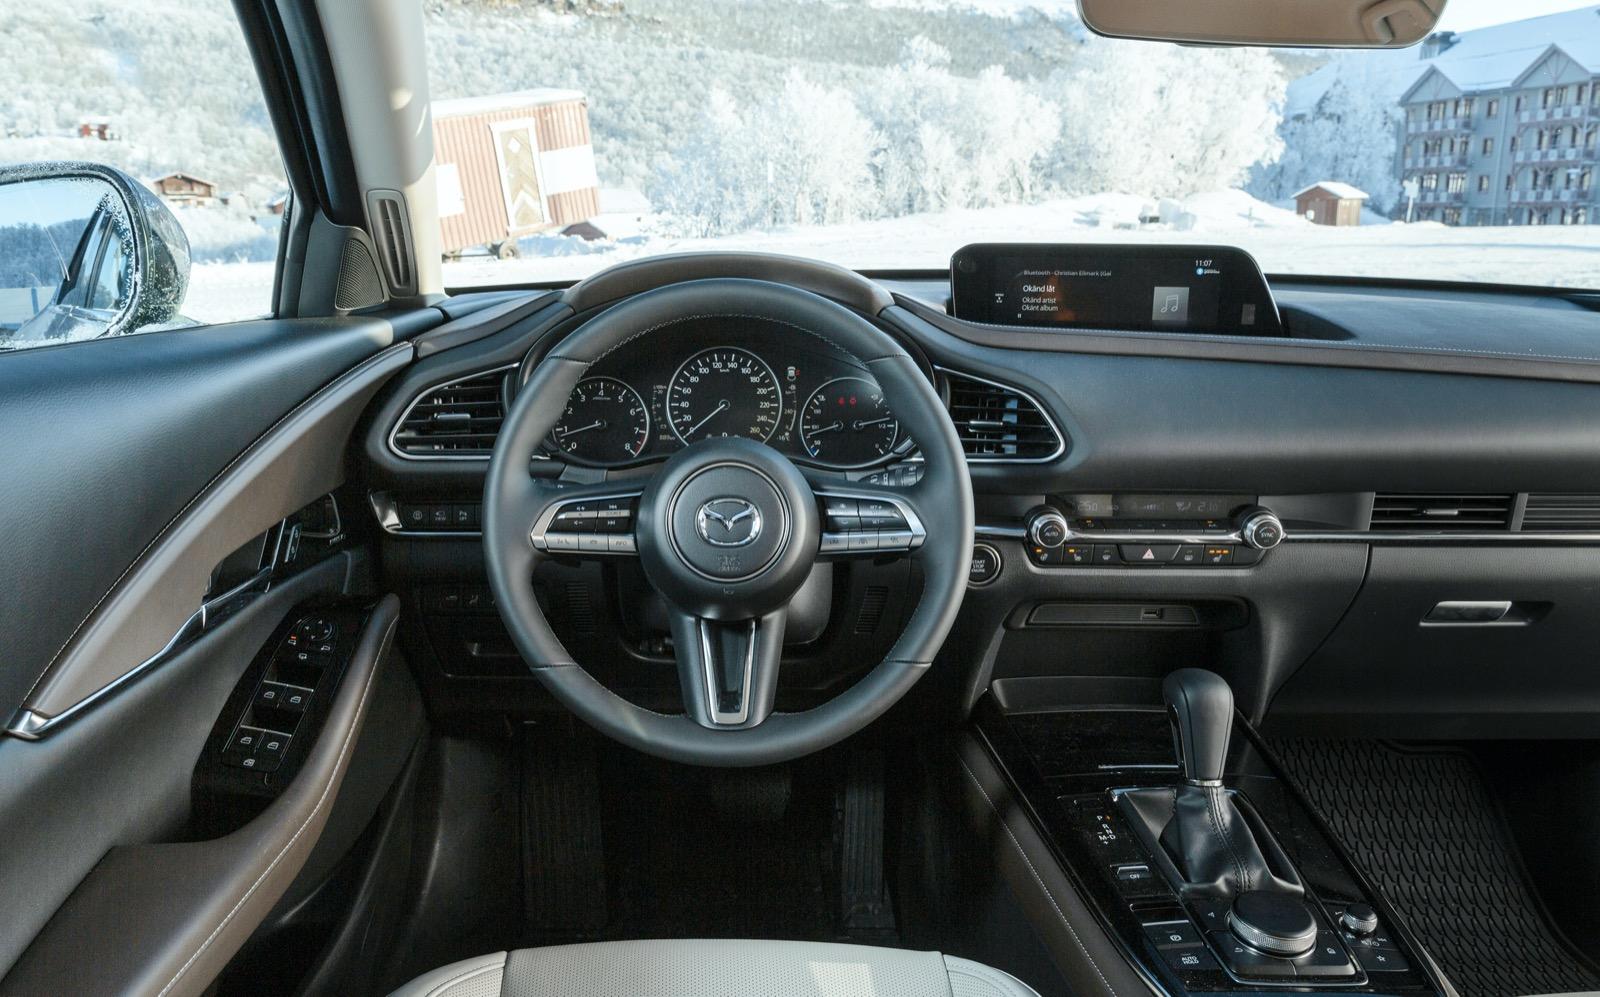 Mazda: Avskalat sobert. Mjuka material runt förarmiljön, men i baksätet gäller hårdplast på dörrsidorna. Förvaringsfack för telefon framför växelväljaren.